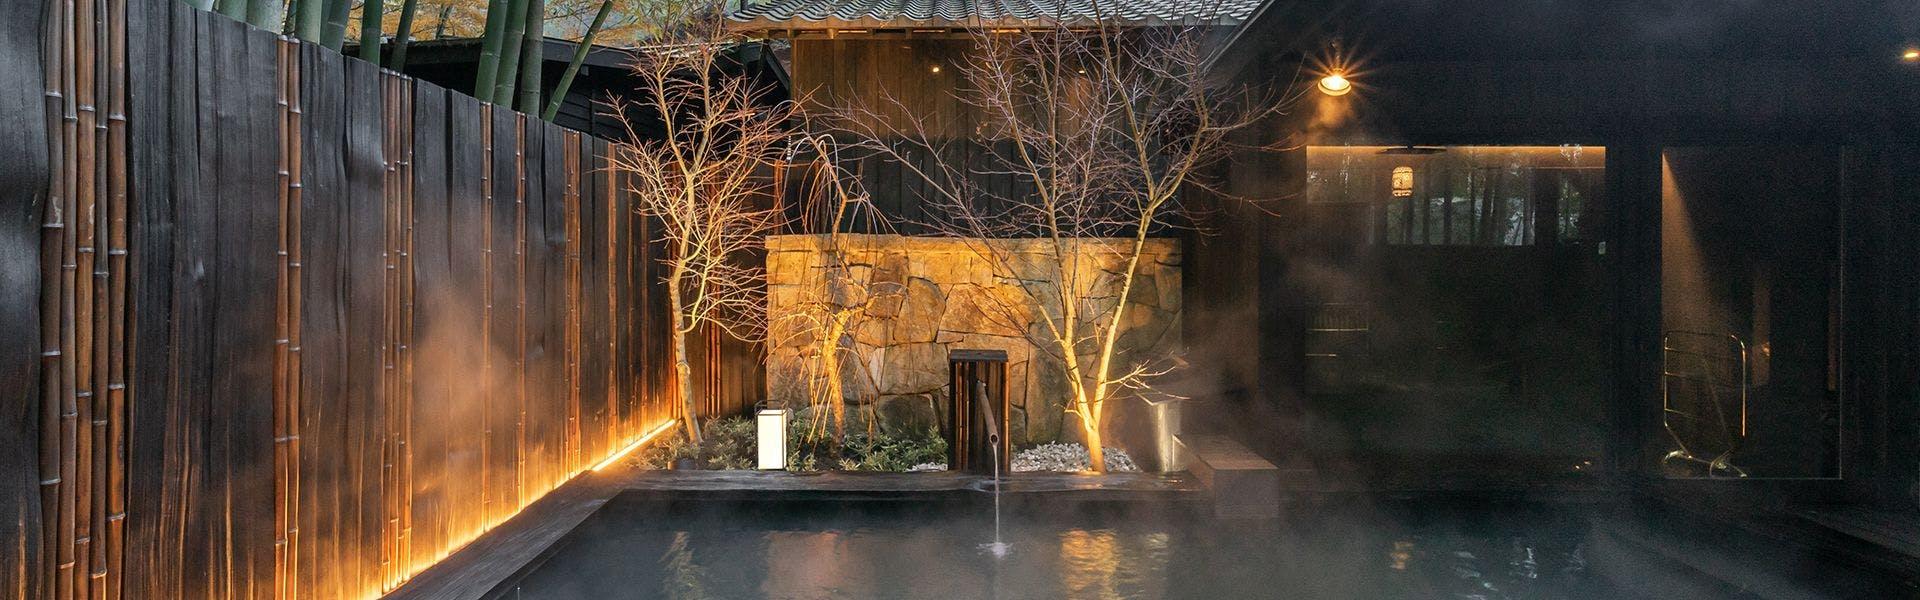 記念日におすすめのホテル・【秘境 白川源泉 山荘 竹ふえ】の写真2